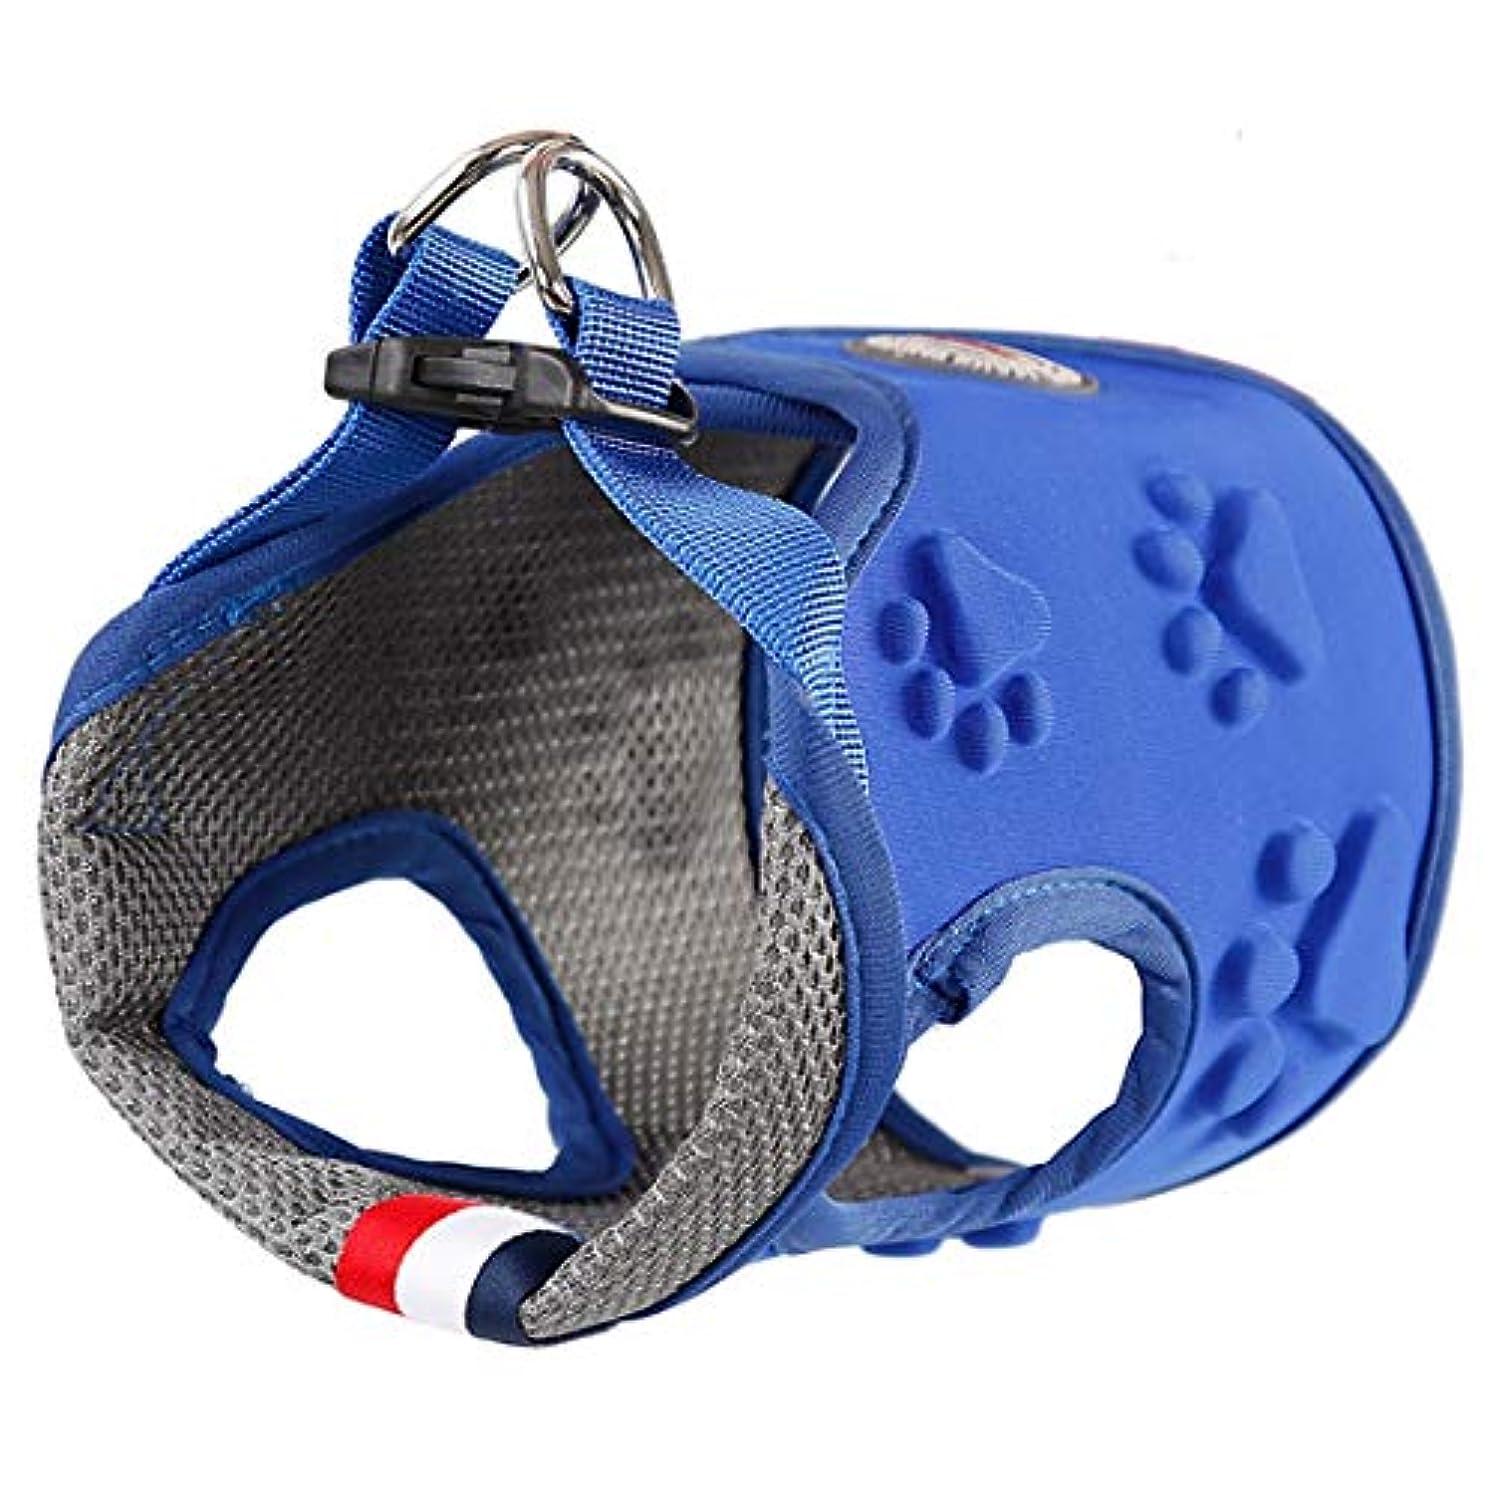 発表取り付け興味Bverionant リード ハーネス 犬 犬ハーネス 犬用ハーネス 犬用リード ペット リード付き 犬ハーネスコート おしゃれ かわいい メッシュ 引きひも 犬しつけ用リード 青 S